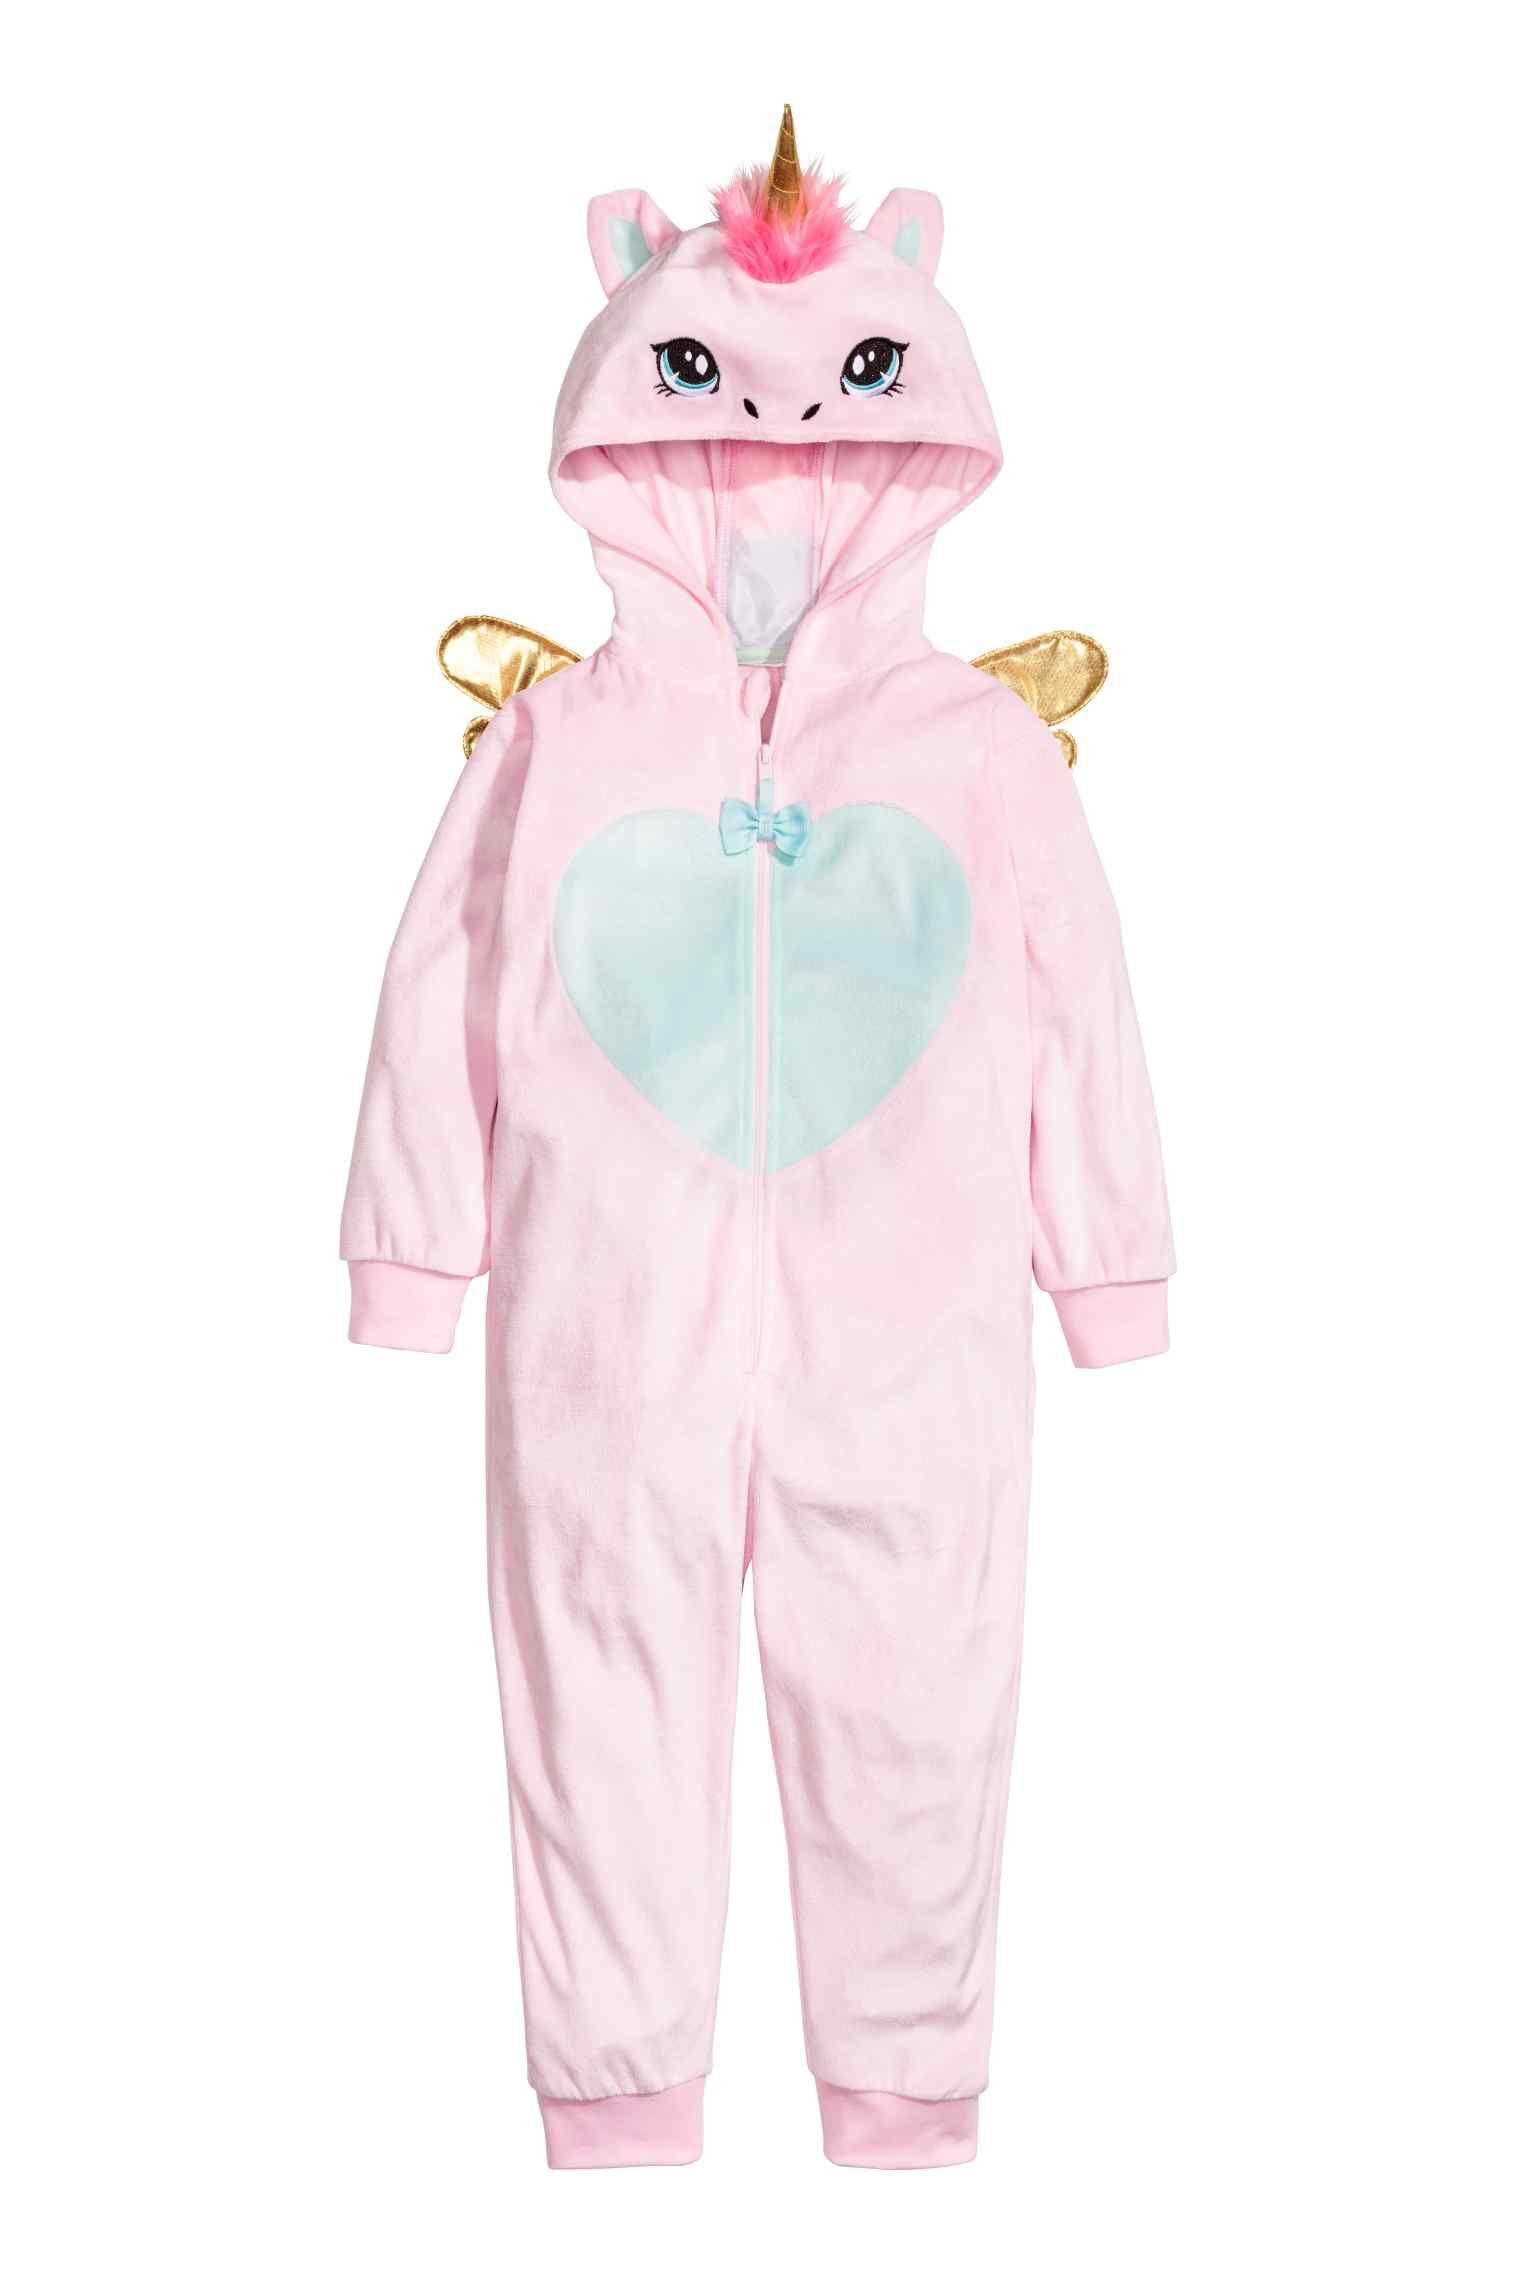 gran calidad gama exclusiva calidad autentica Costume de licorne | Cosas raras | Pijama unicornio ...